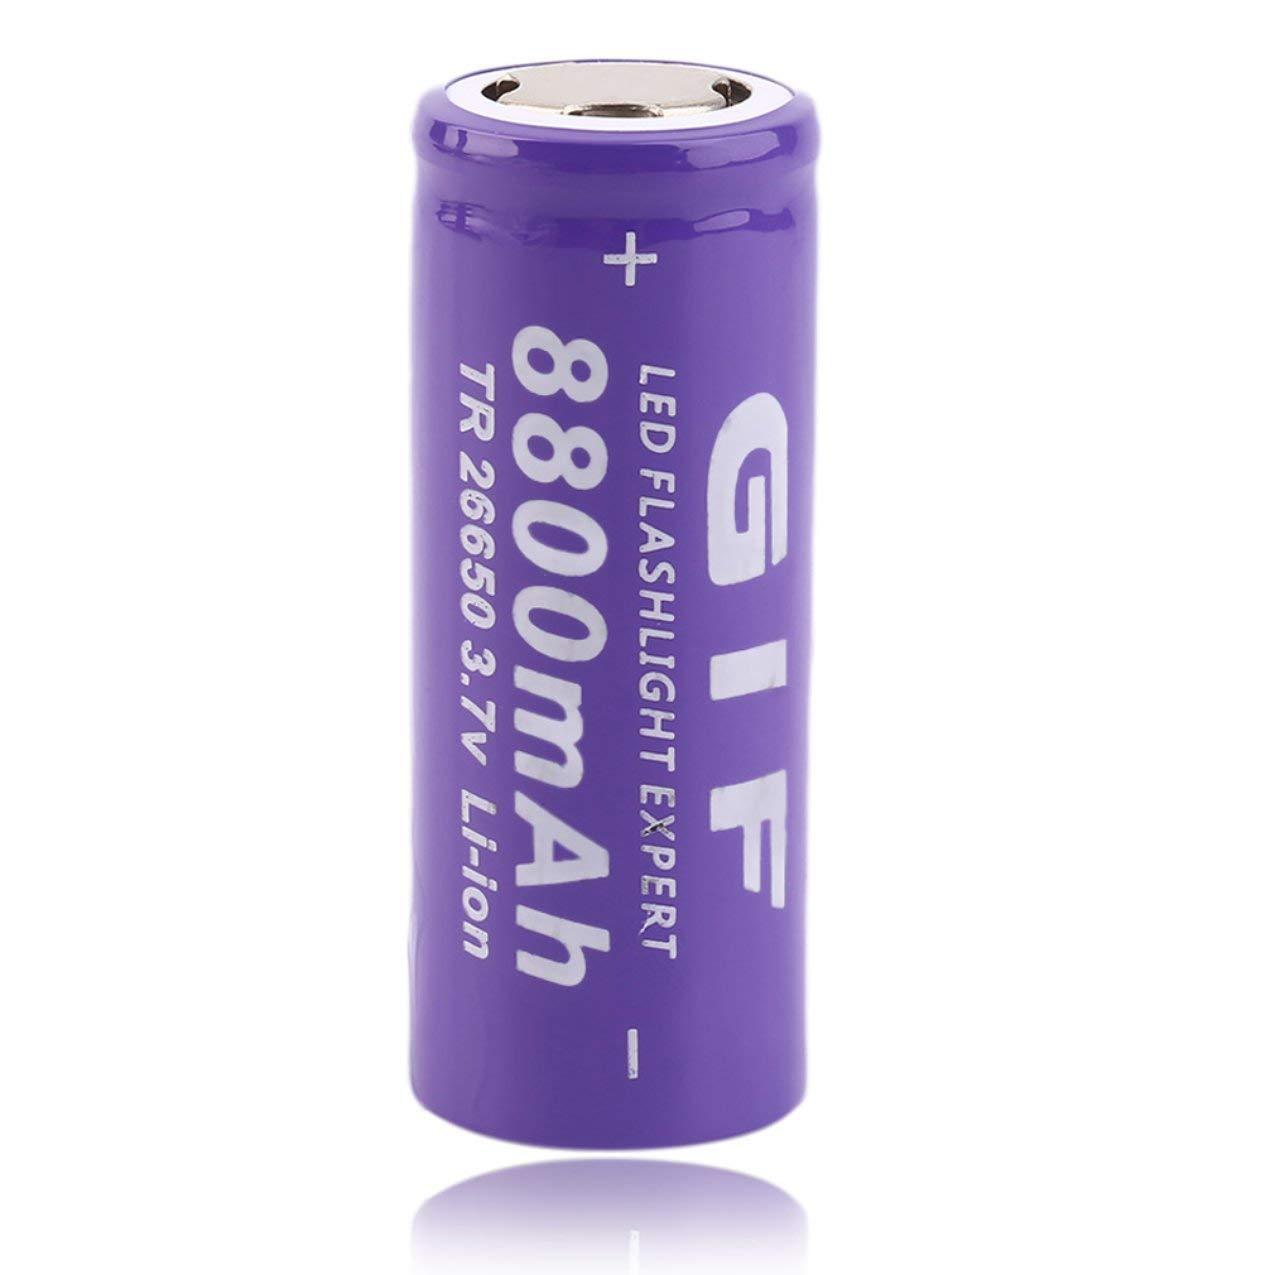 3.7V 26650 8800mAh Li-Ion Akku, 3.7V 26650 8800mAh Li-Ion Akku für LED Taschenlampe Li-Ion Taschenlampe sicher und umweltfreundlich Redstrong